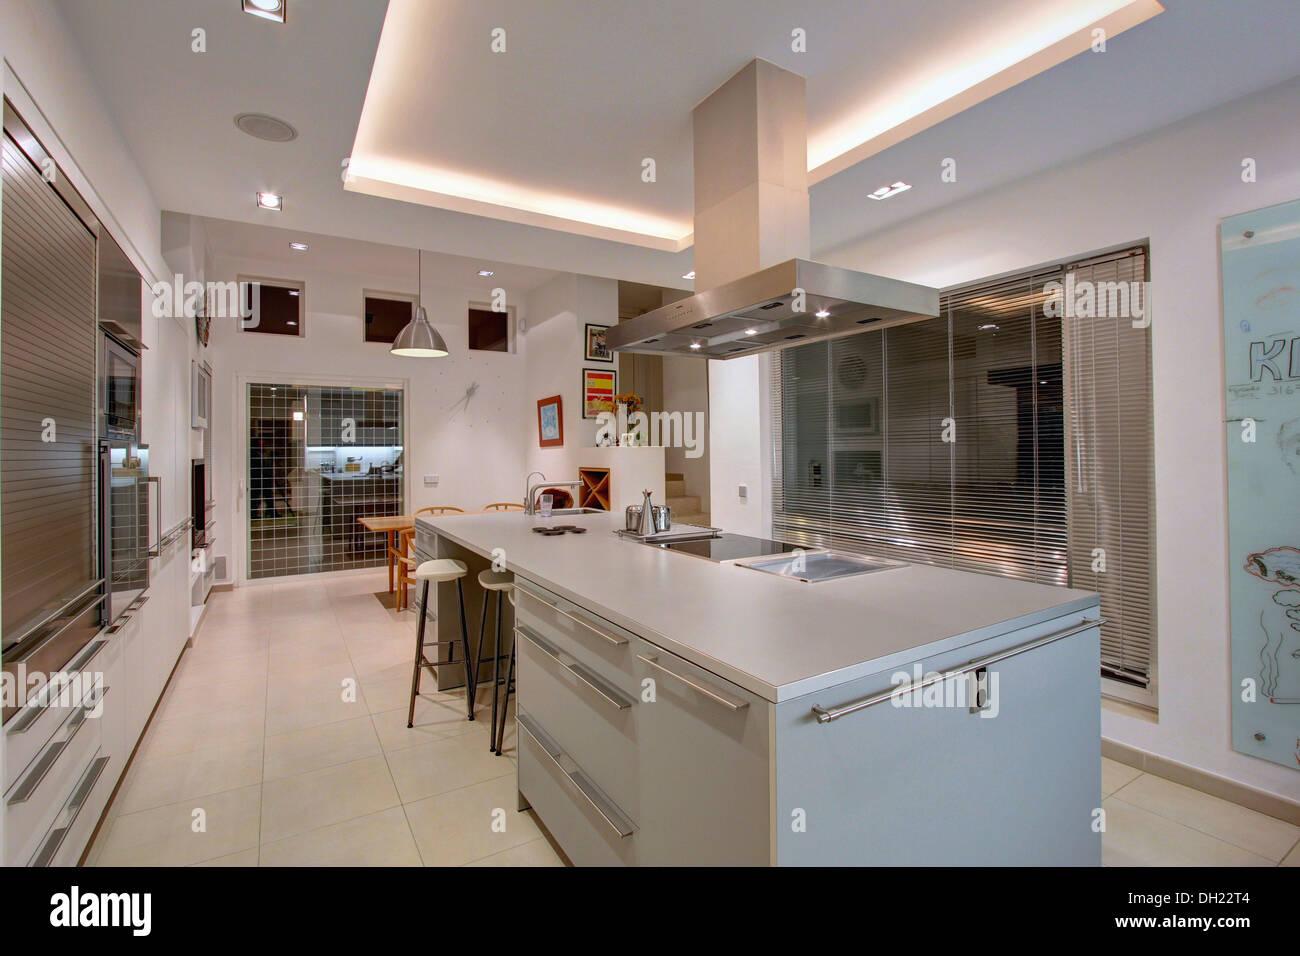 Entzuckend Extraktor über Dem Kochfeld In Insel Einheit In Großen Modernen Spanischen  Wohnung Küche Mit Leuchtstofflampen Auf Vertiefte Zwischendecke